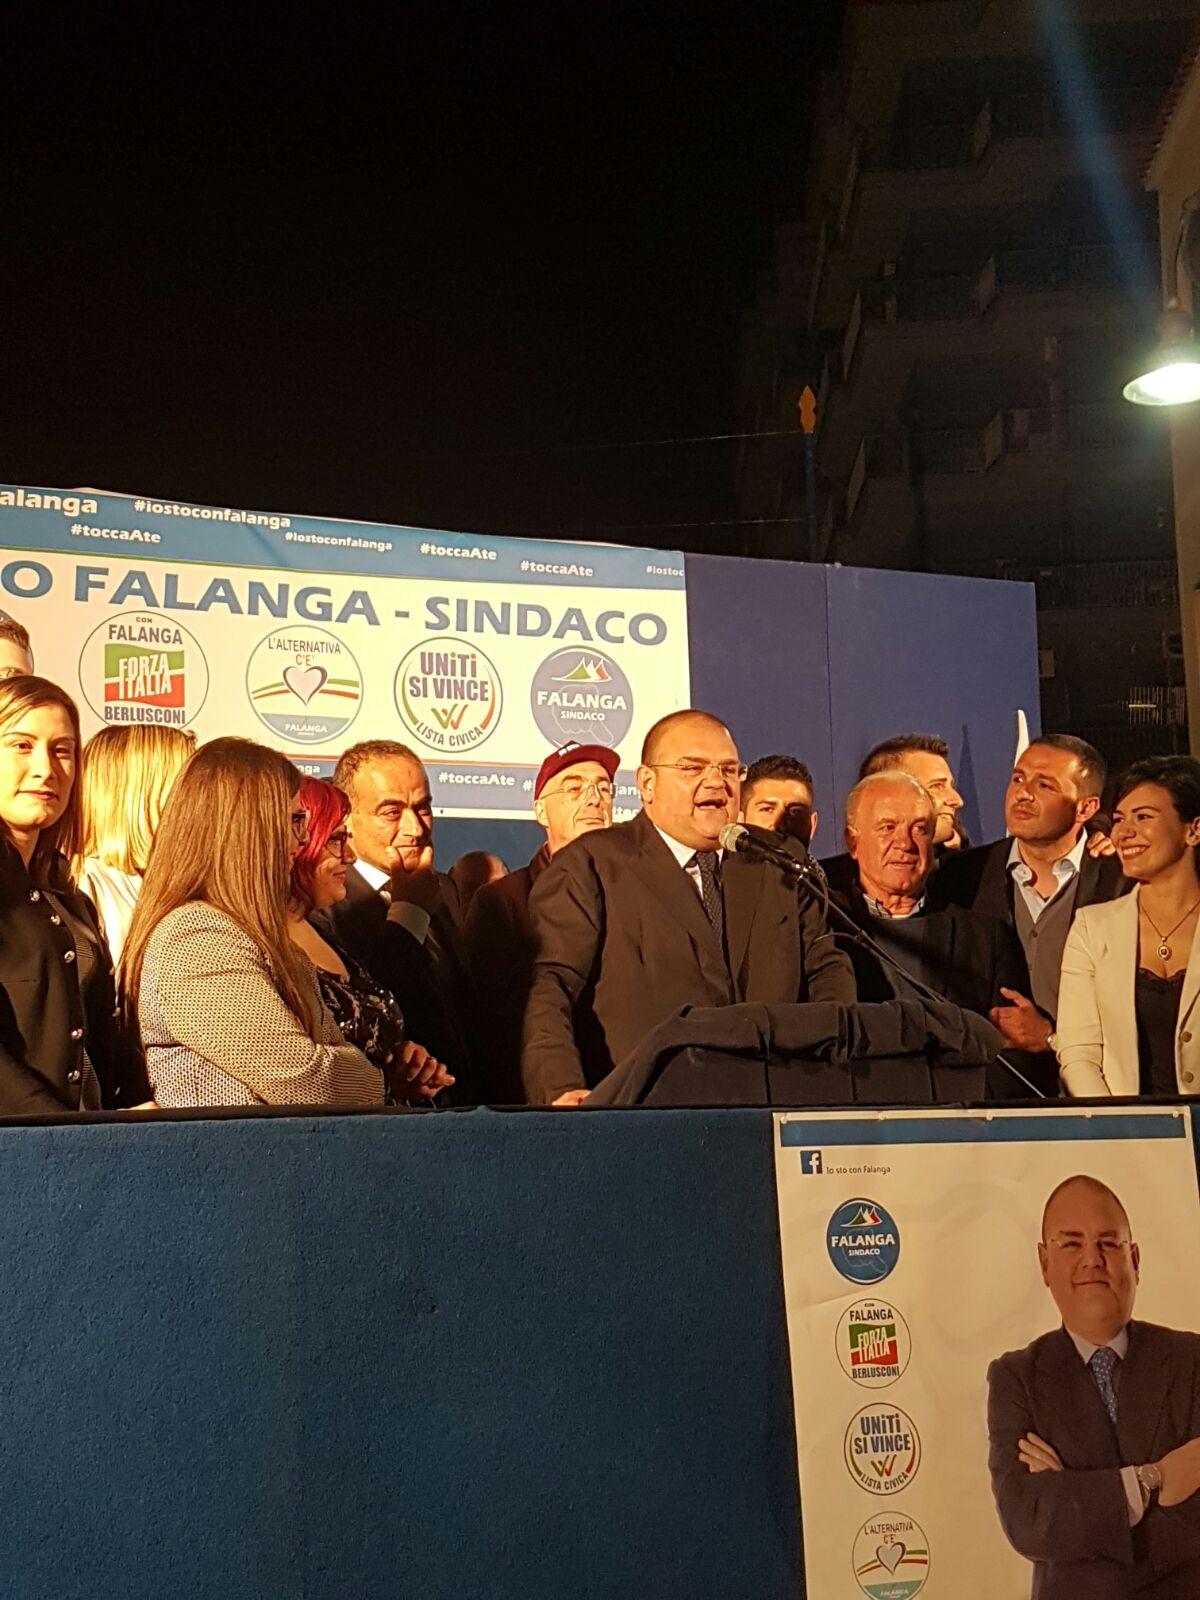 Maurizio Falanga